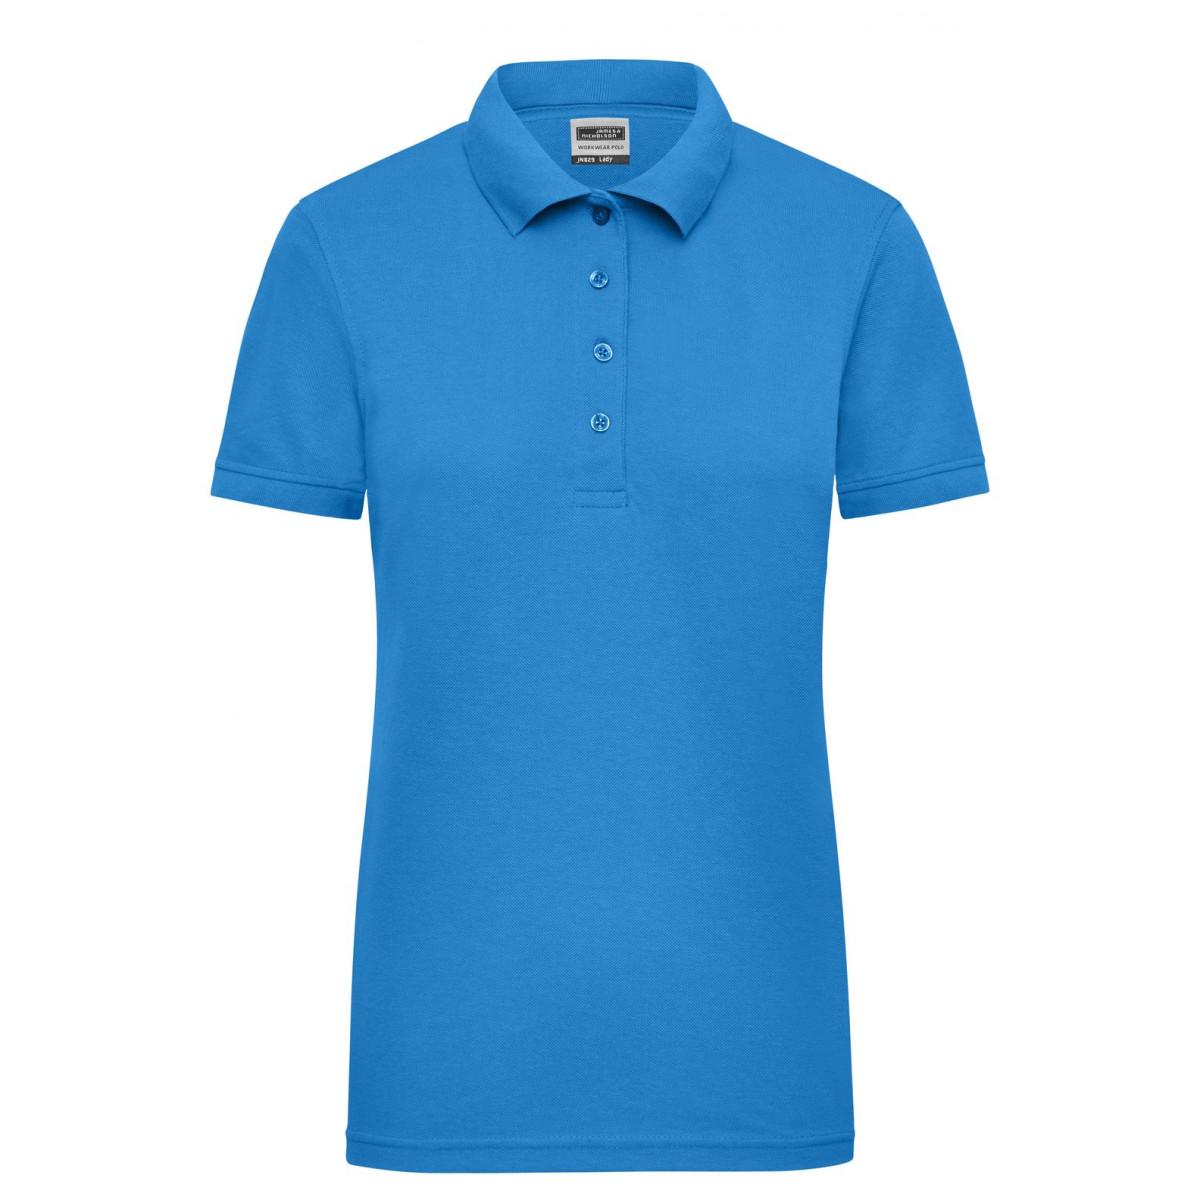 Рубашка поло женская JN829 Ladies Workwear Polo - Аква